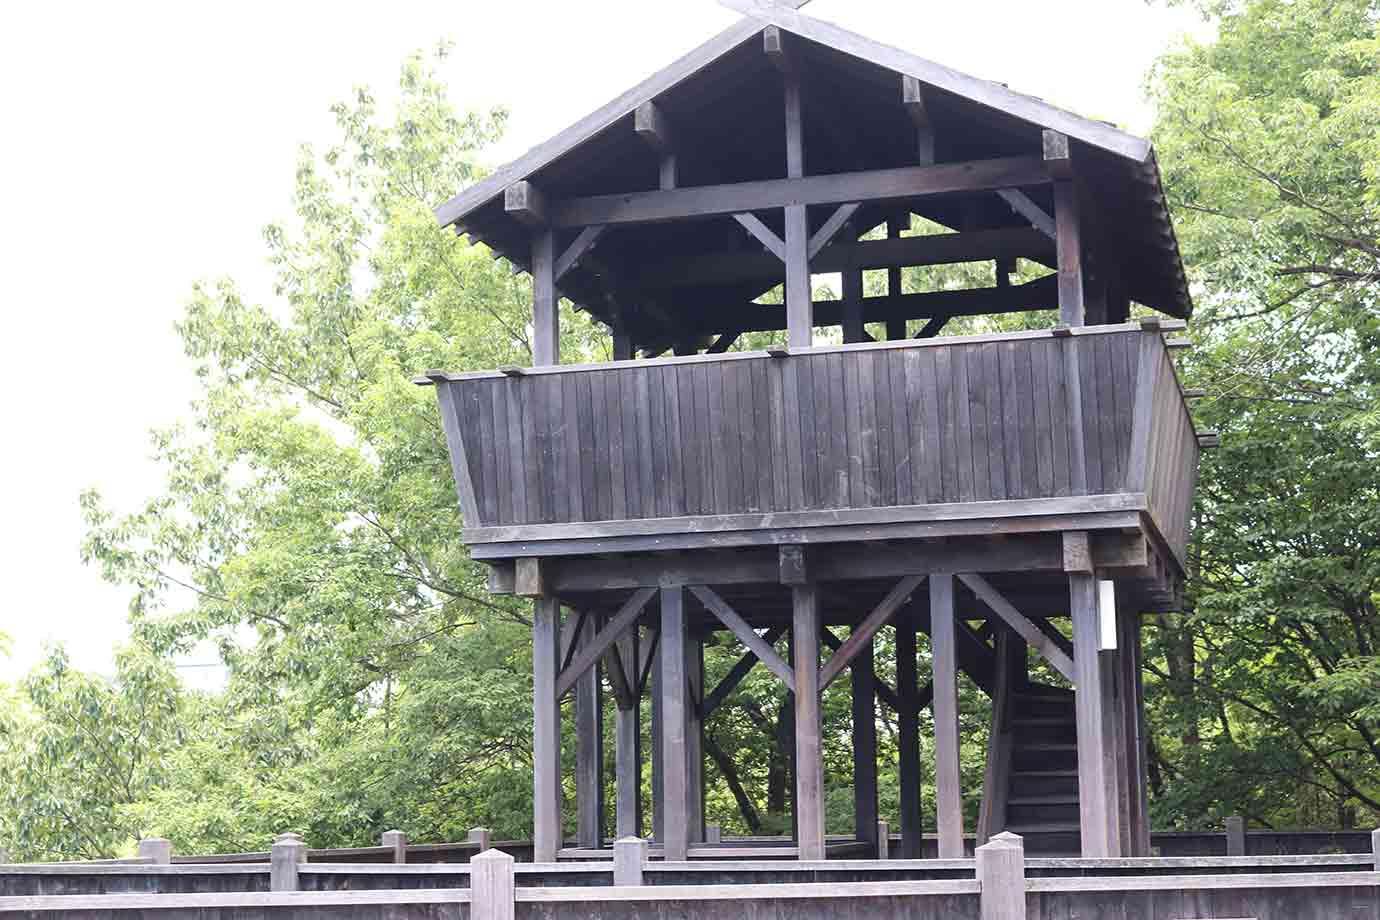 山頂には、戦国期の砦(とりで)を思わせる木製の展望テラスが